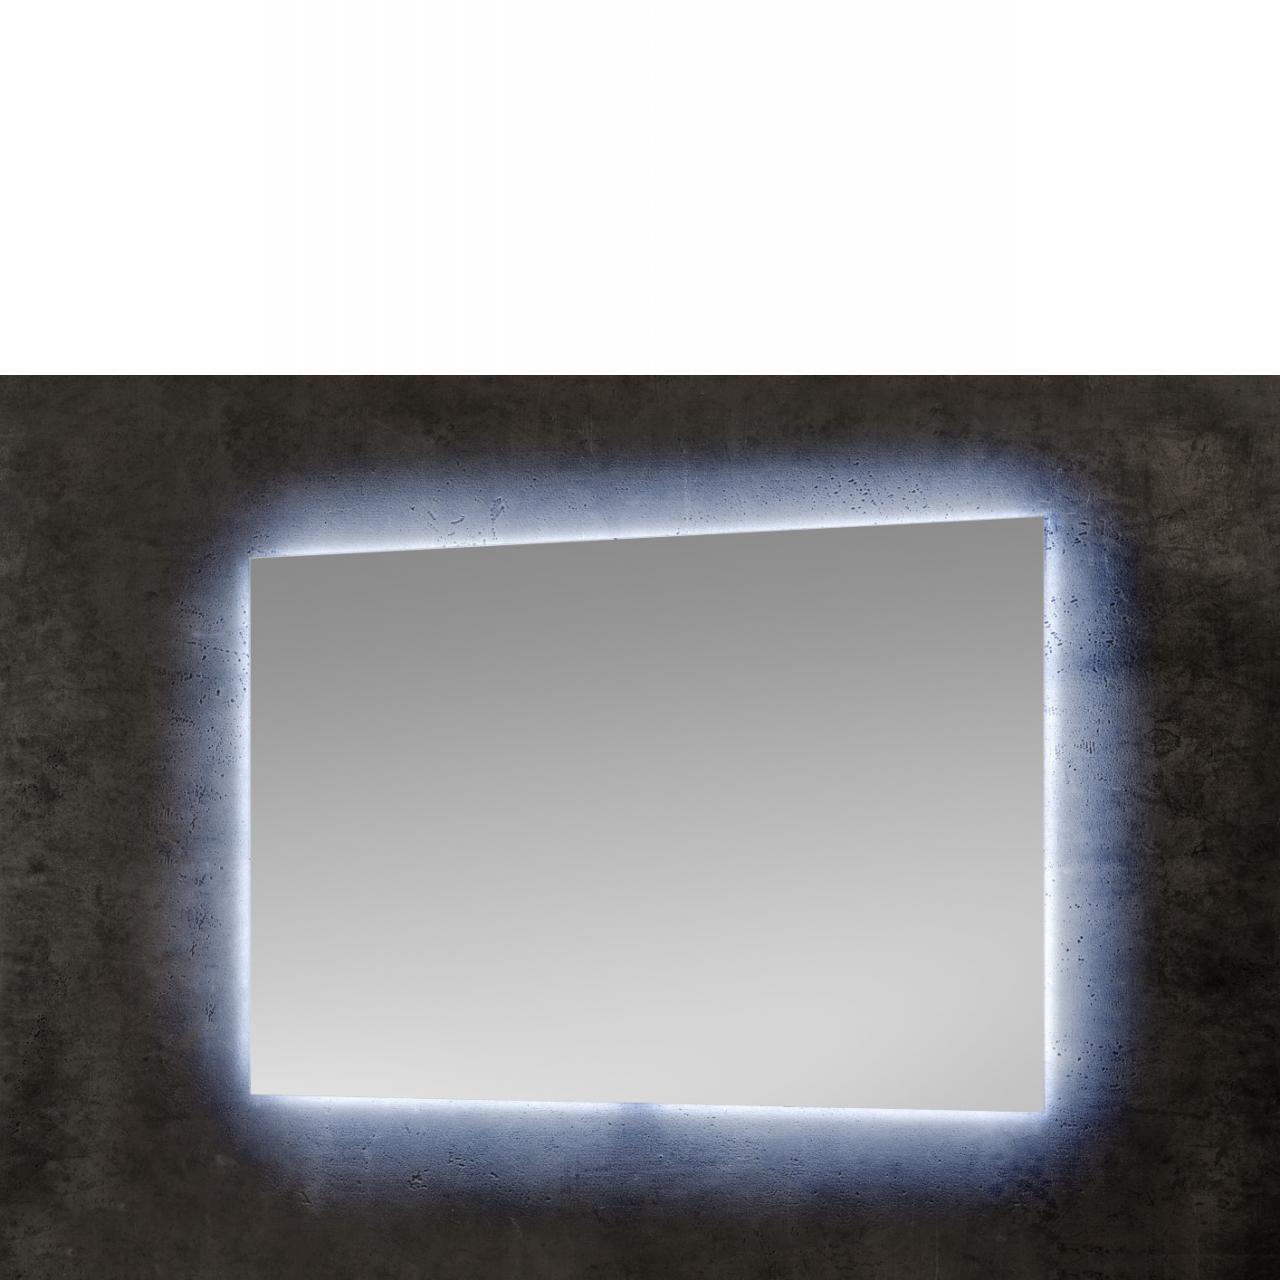 Spiegel 54-004 Mit LED-Licht Badezimmerspiegel Bad Gäste-WC Wandspiegel